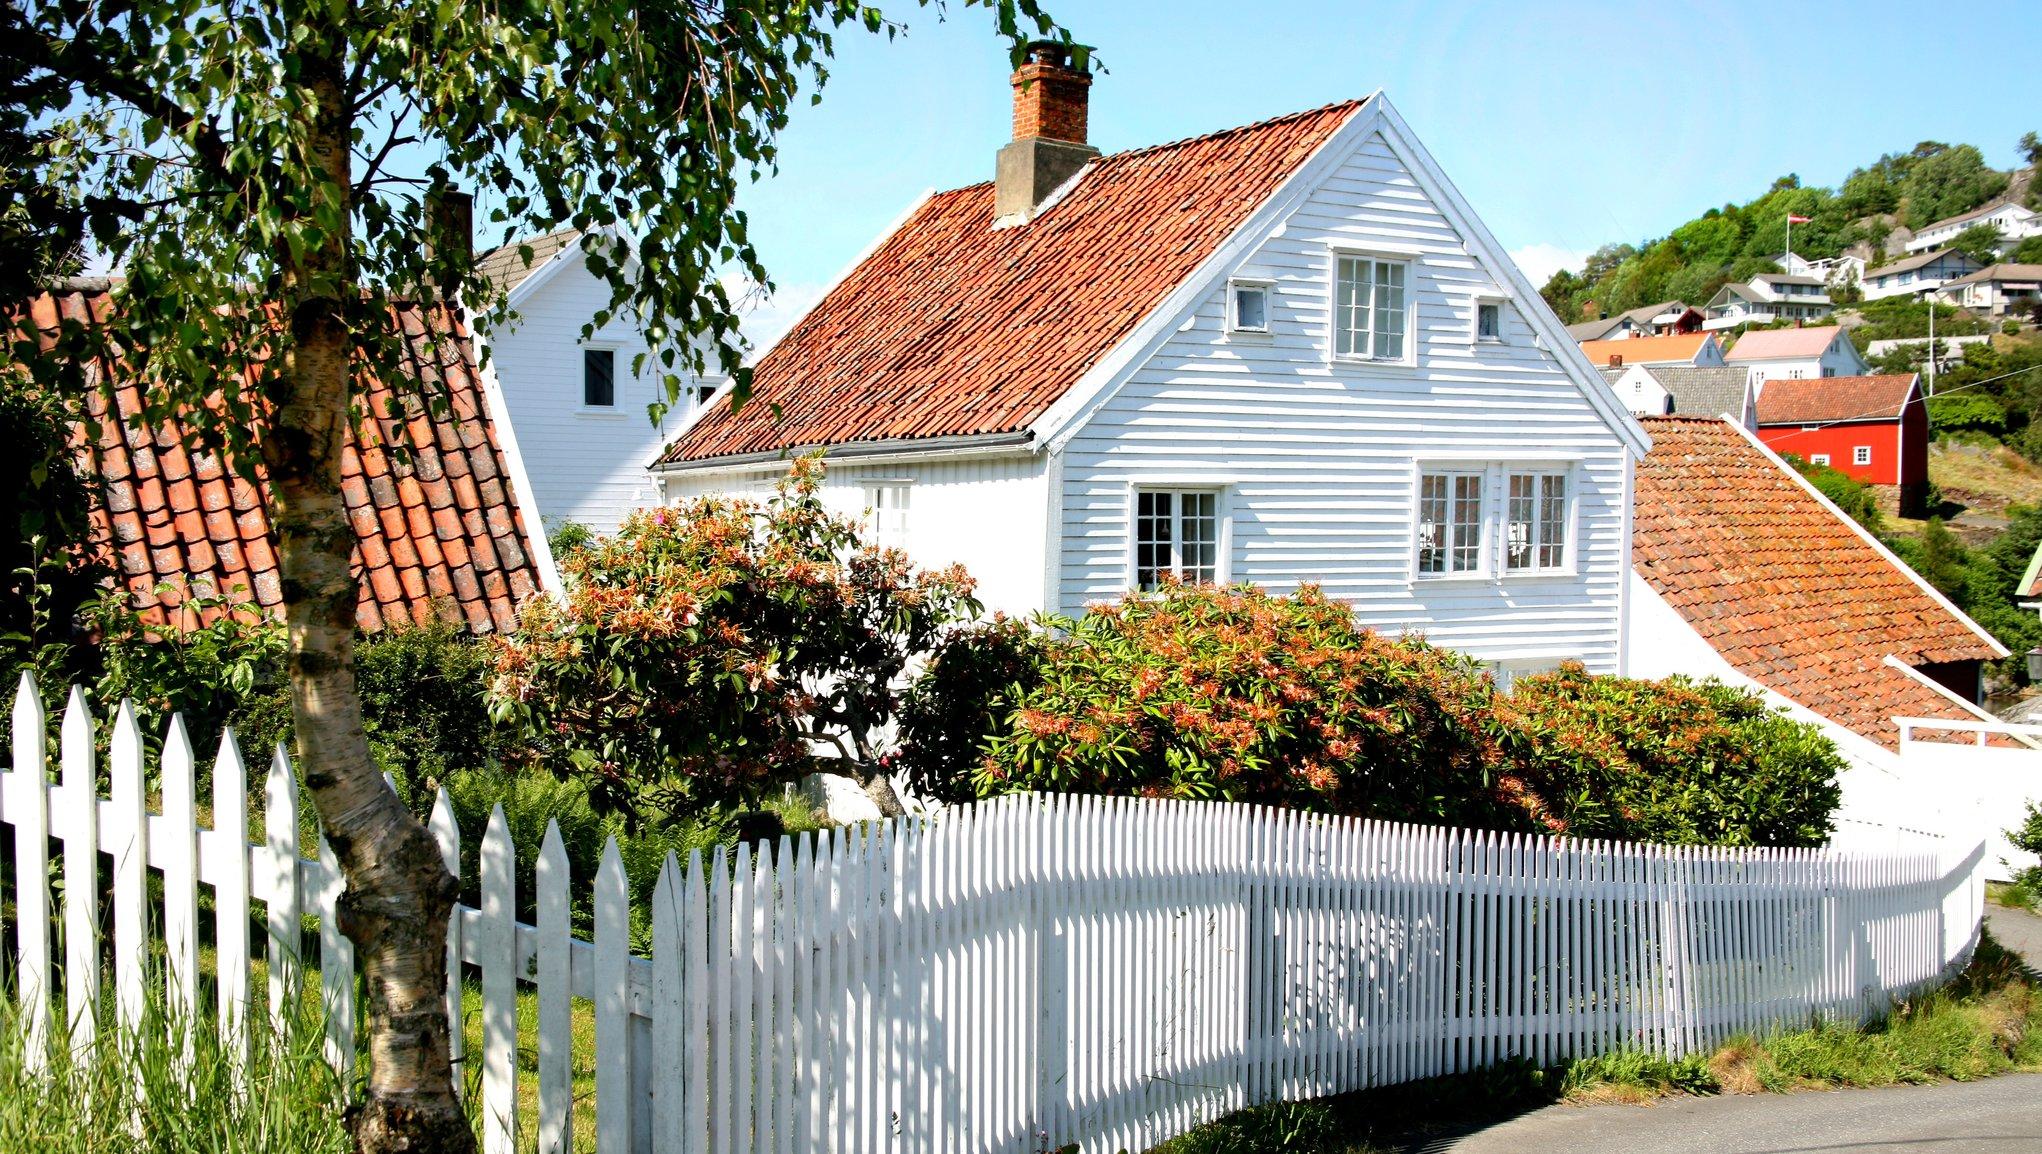 SBAB Villaförsäkring